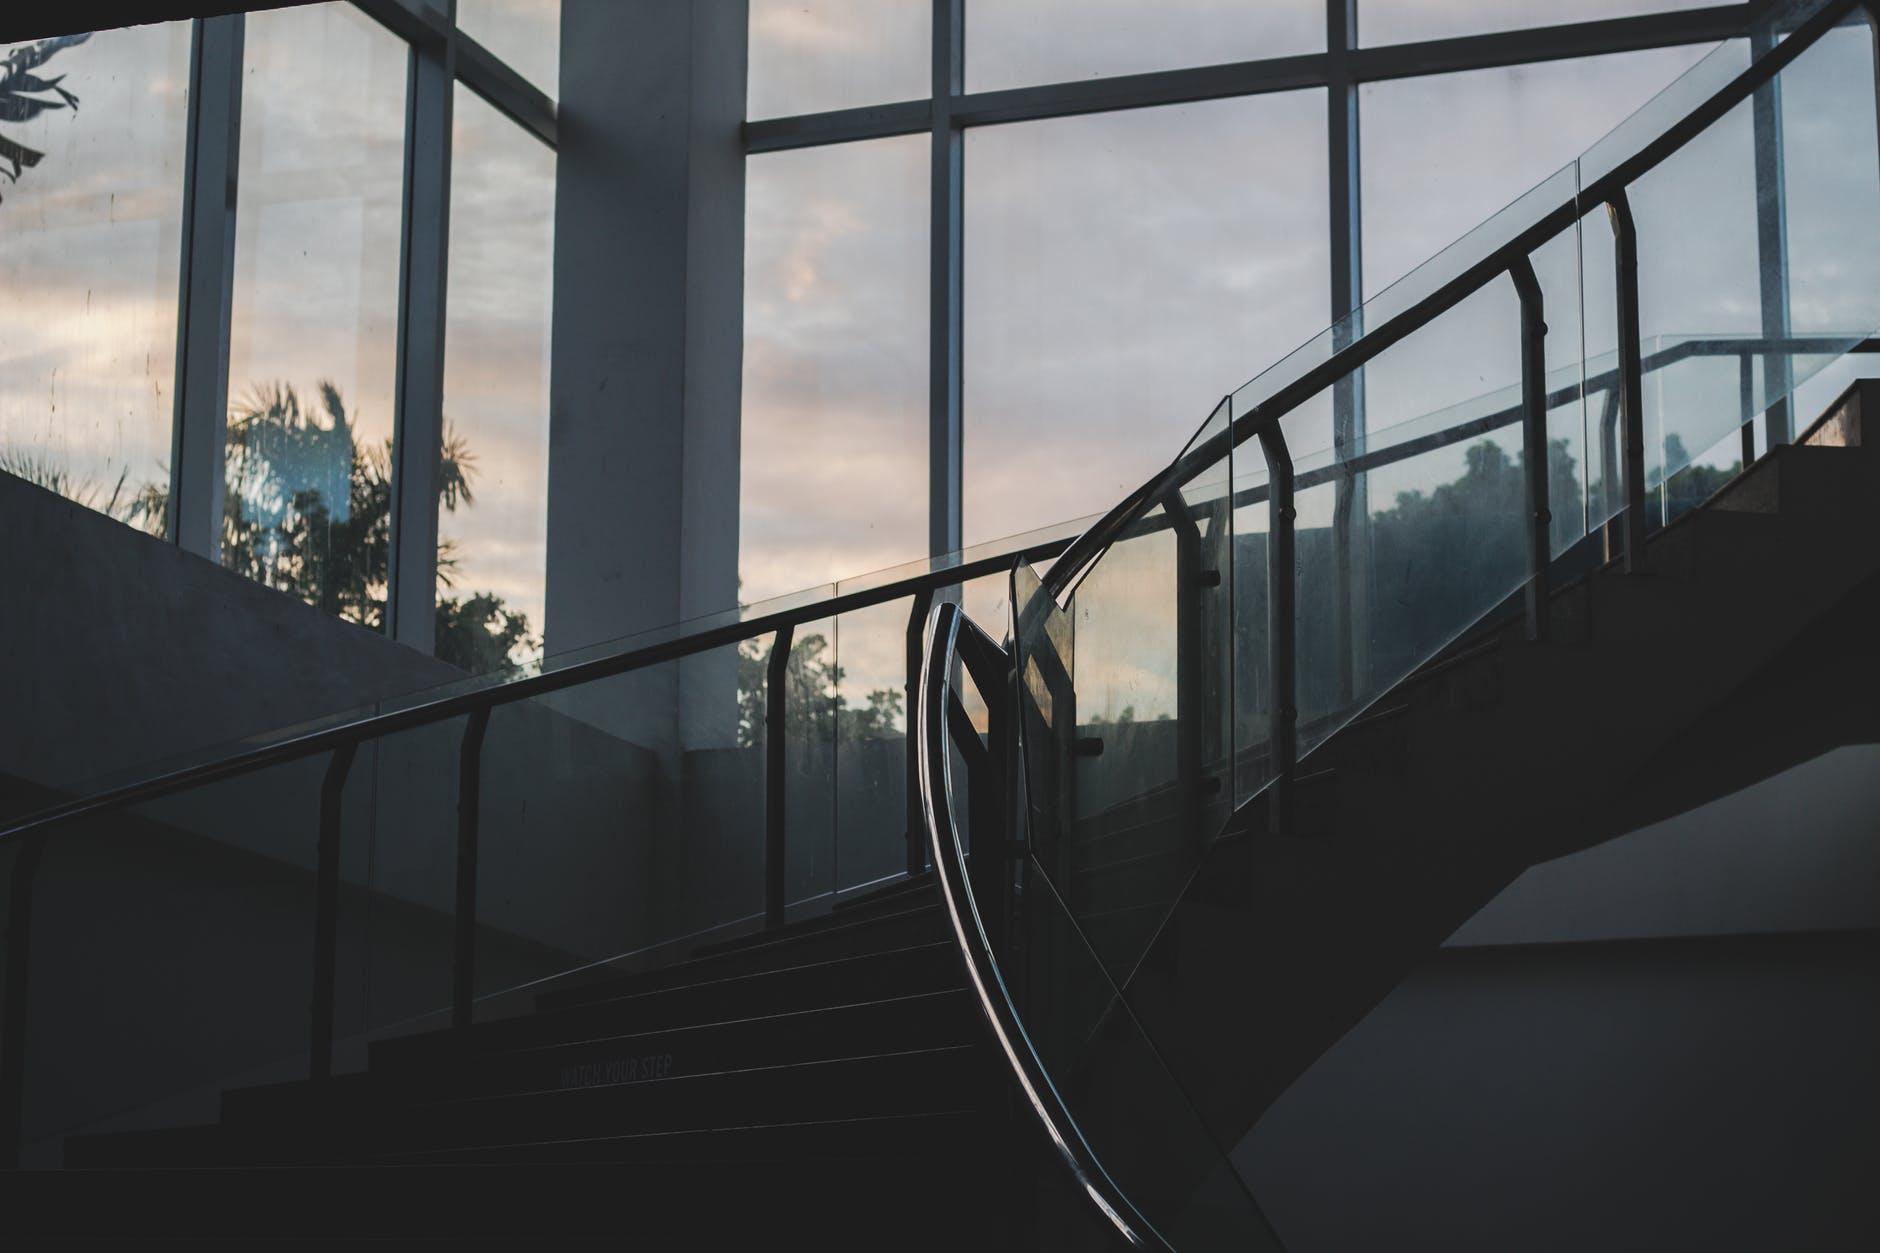 schody, zábradli